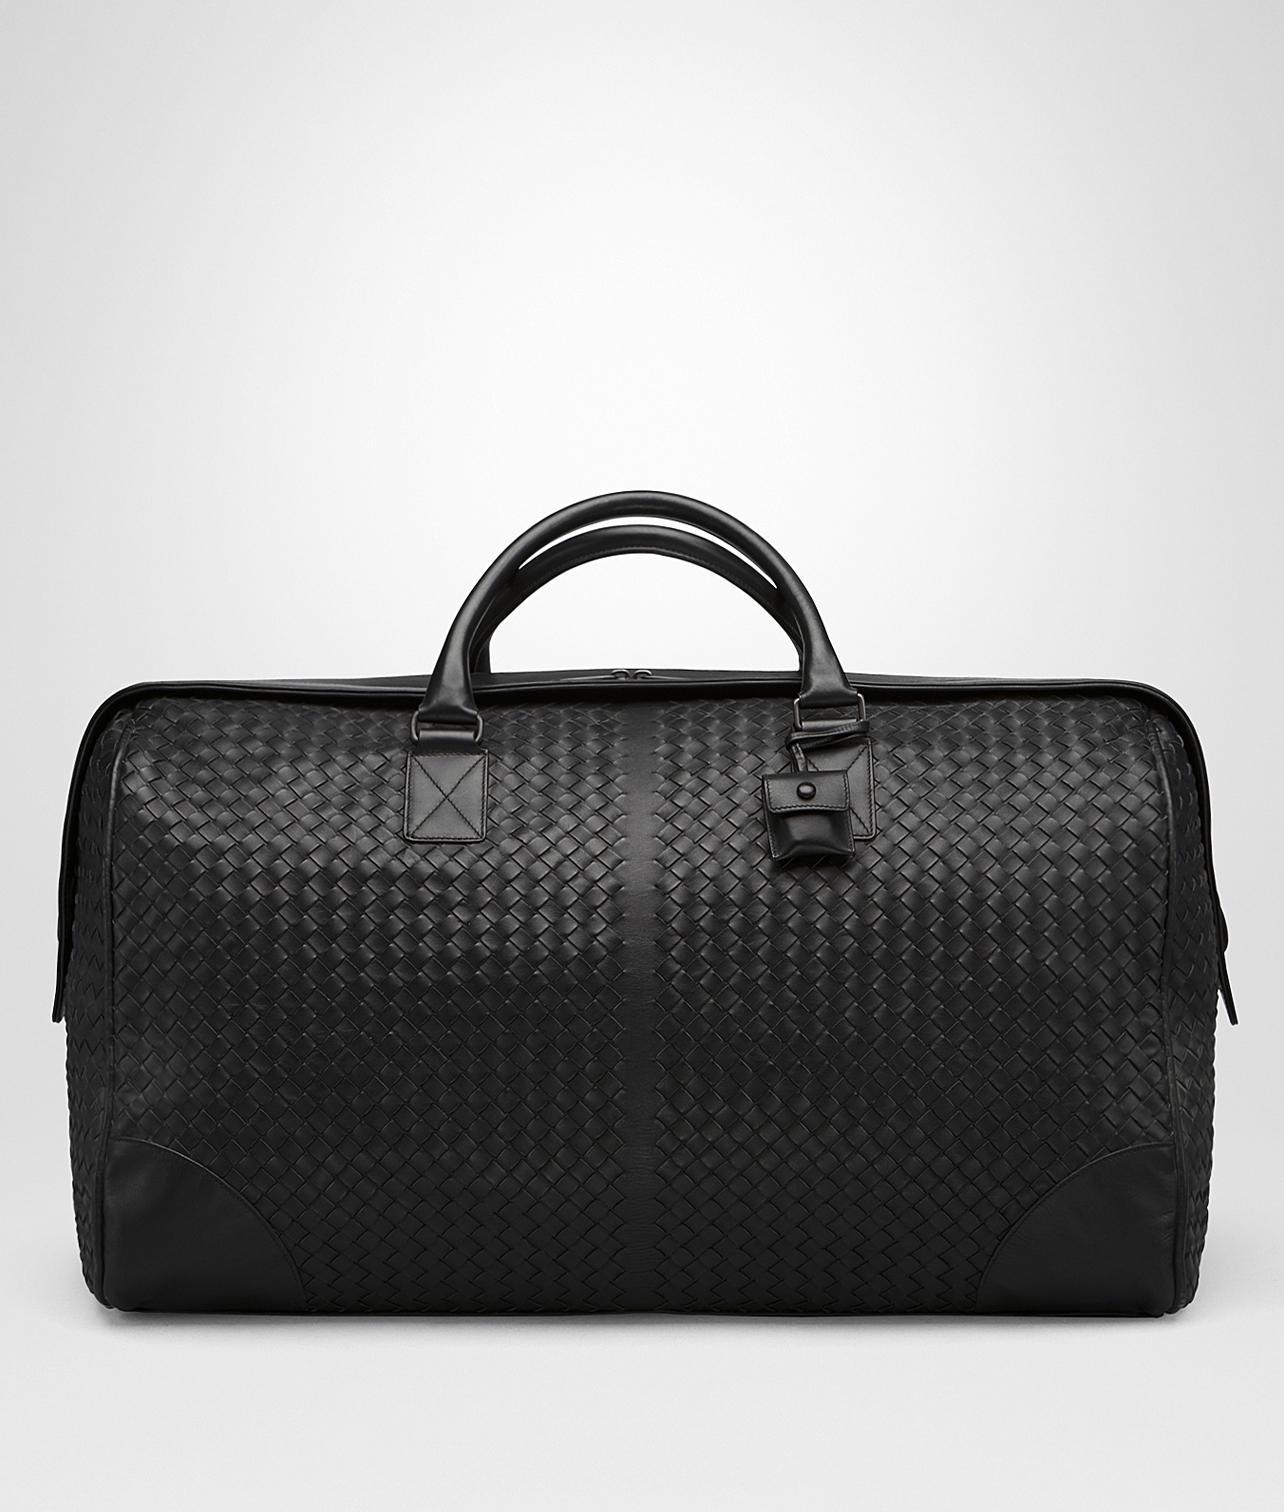 641b22110067 Bottega Veneta Large Duffel Bag In Nero Intrecciato Vn in Black for ...